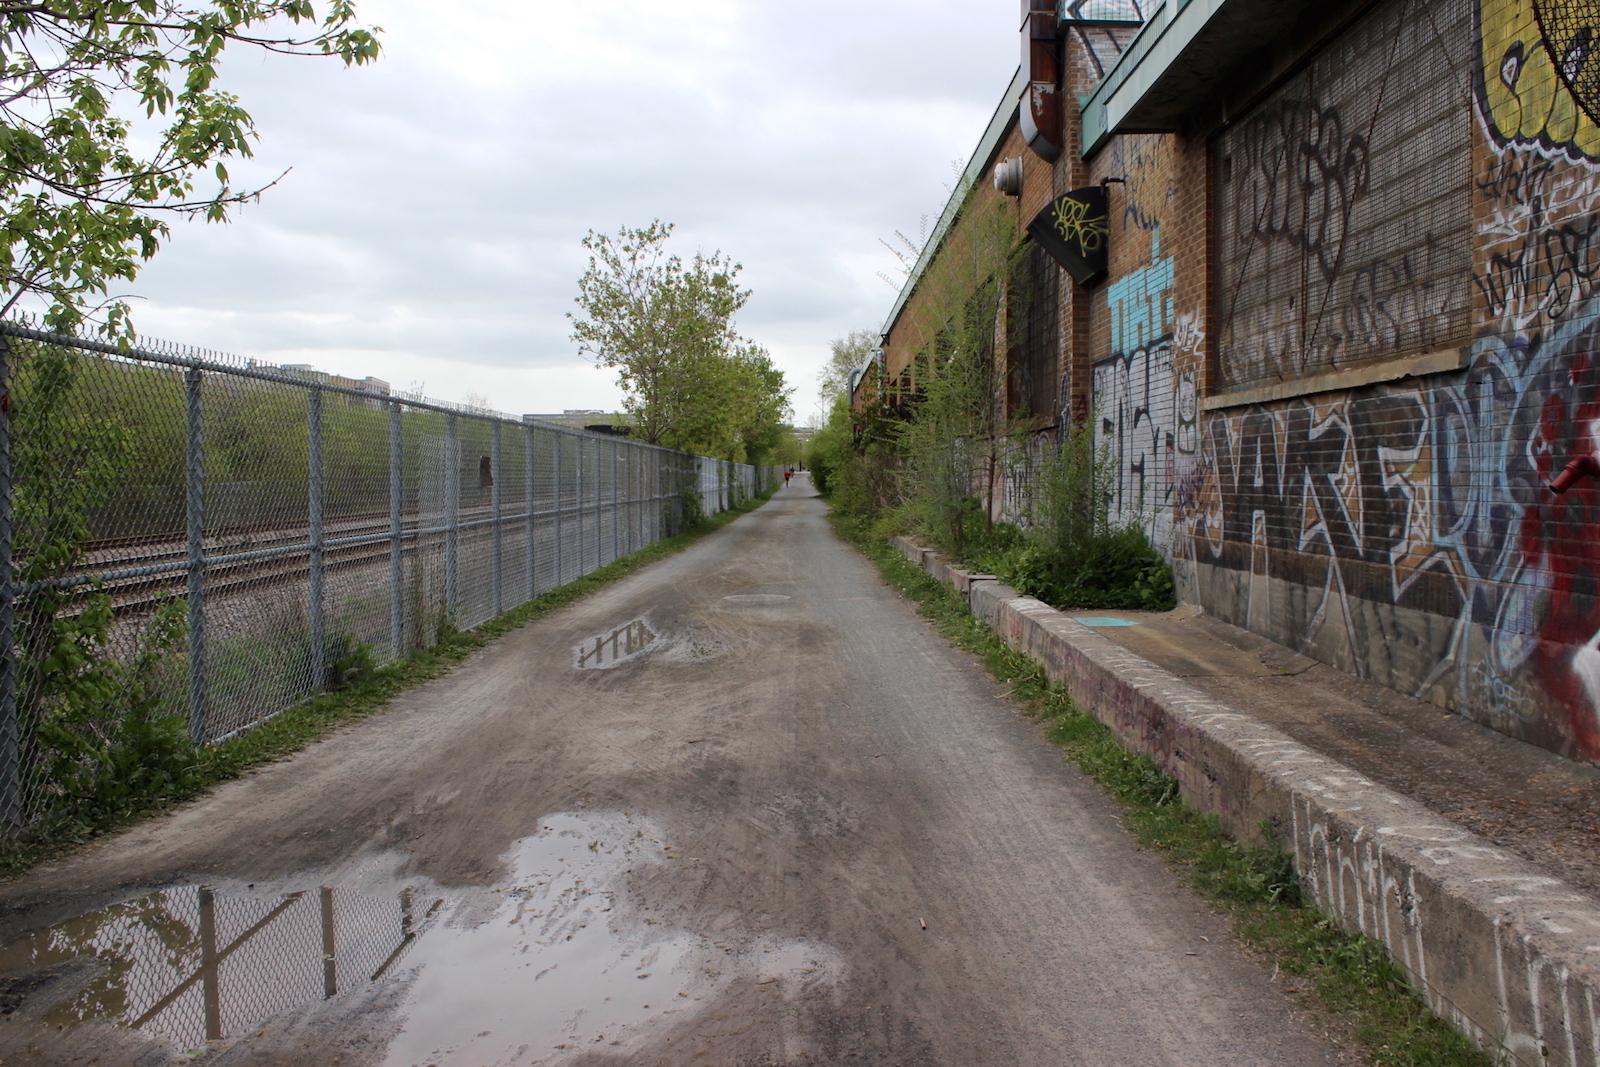 03 Chemin des Carrières - Capture photo 19 - Sounding the City 001 - Montréal 2015-2016